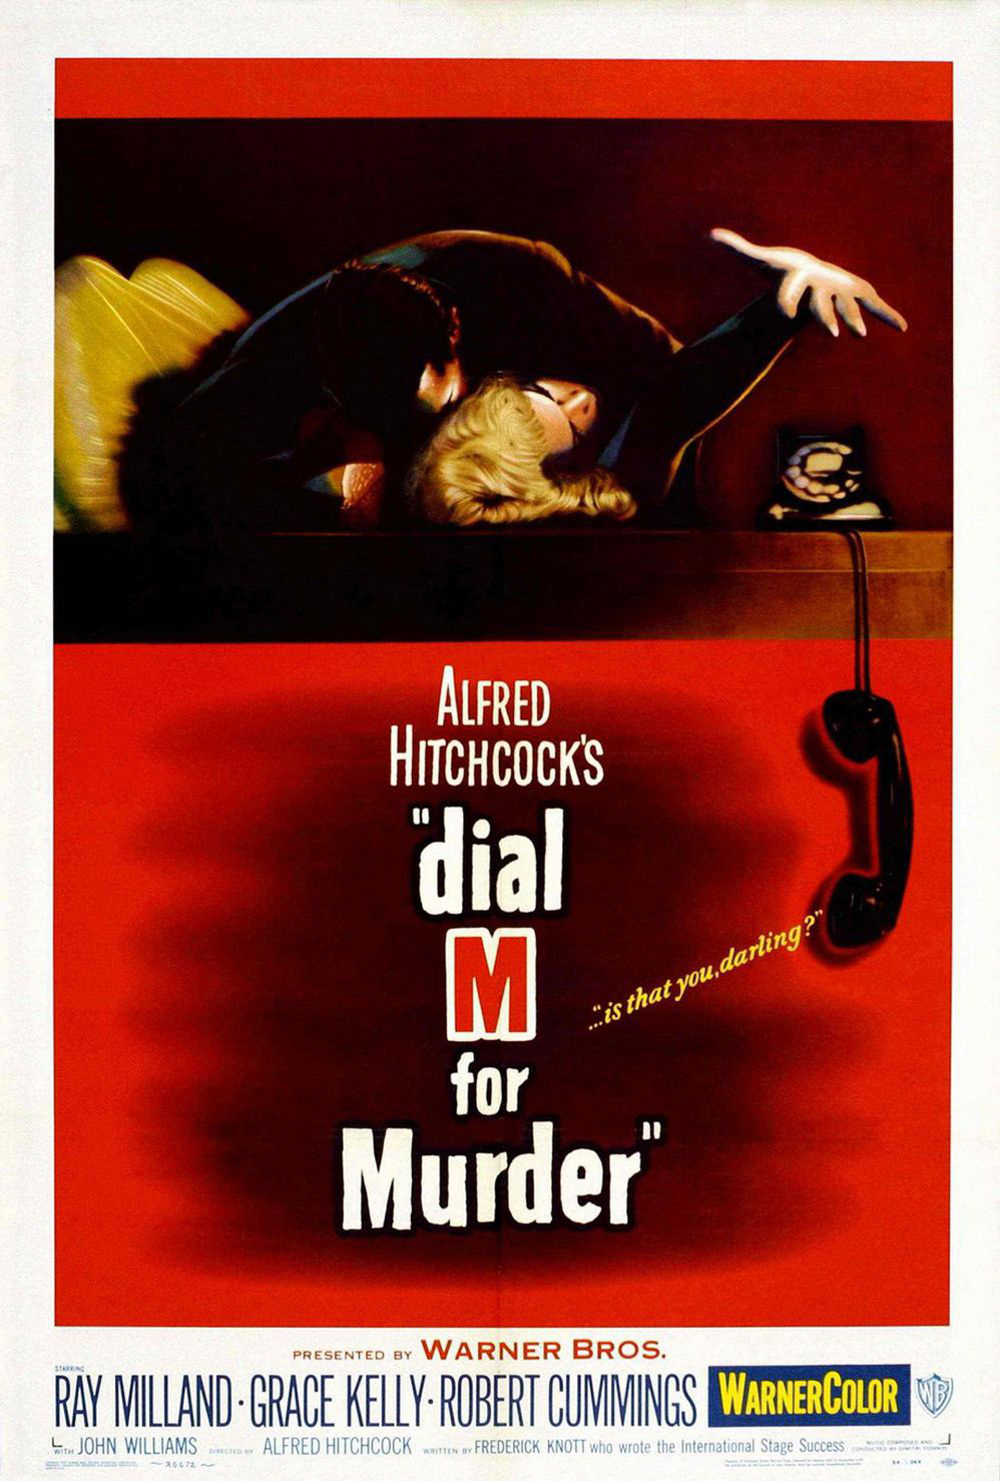 dial-m-for-murder-poster1.jpg